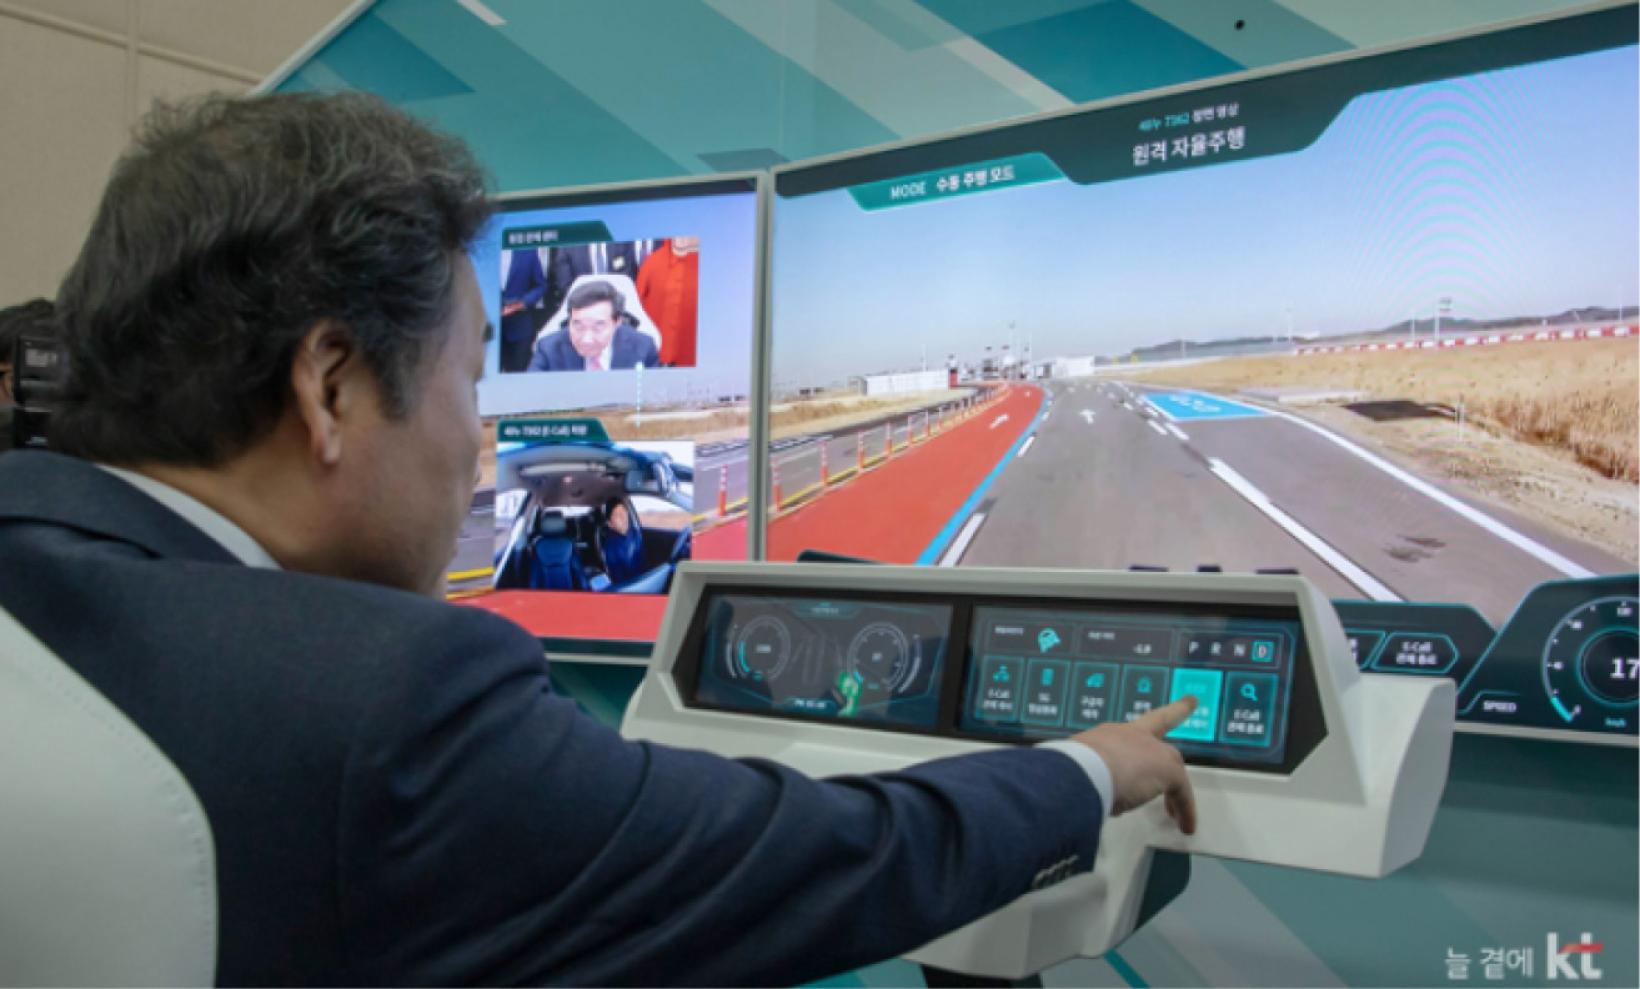 The Korea Telecom´s 5G Remote Cockpit system